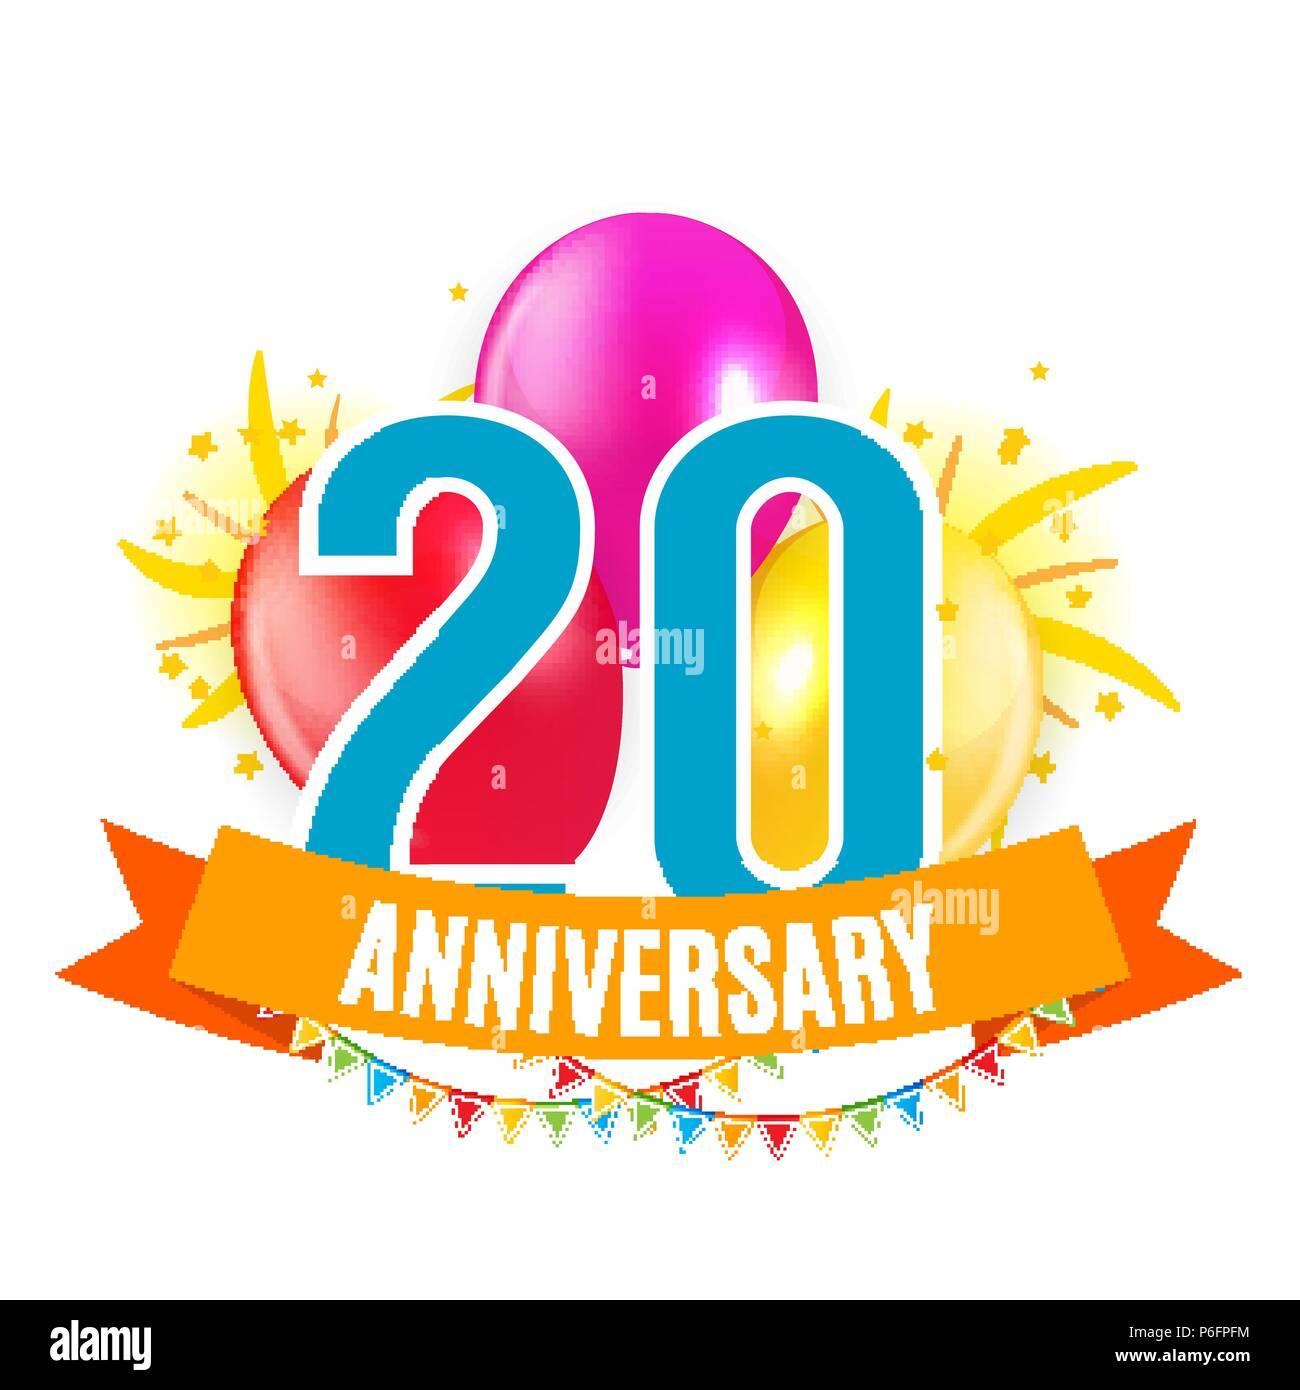 20 Ans Anniversaire Modele Felicitations Cartes De Vœux Avec Des Ballons Invitation Vector Illustration Image Vectorielle Stock Alamy